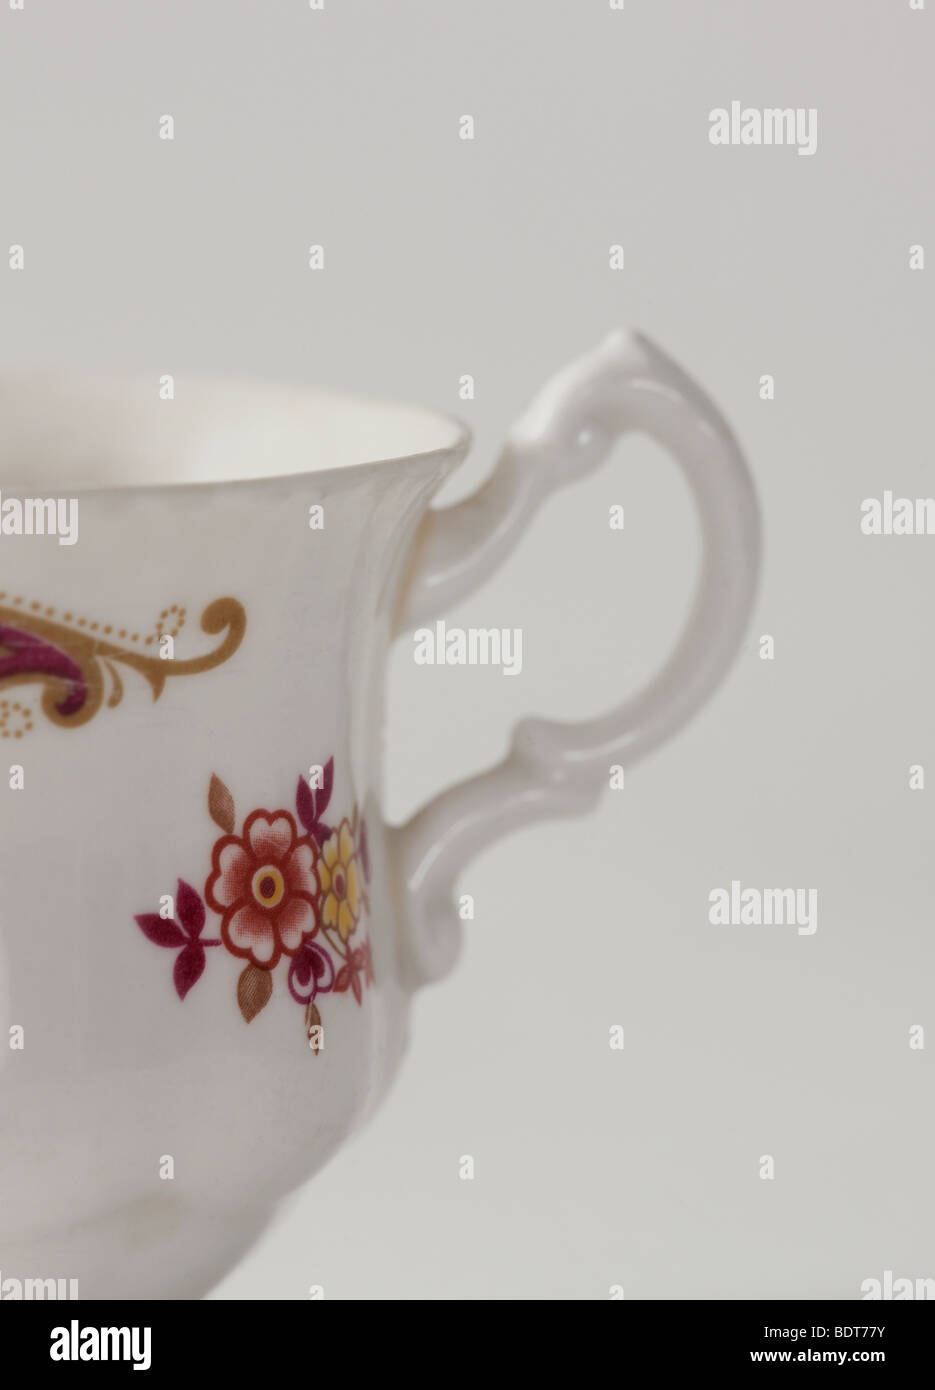 Studio shot of tasse blanche et délicate avec motif floral sur elle Photo Stock